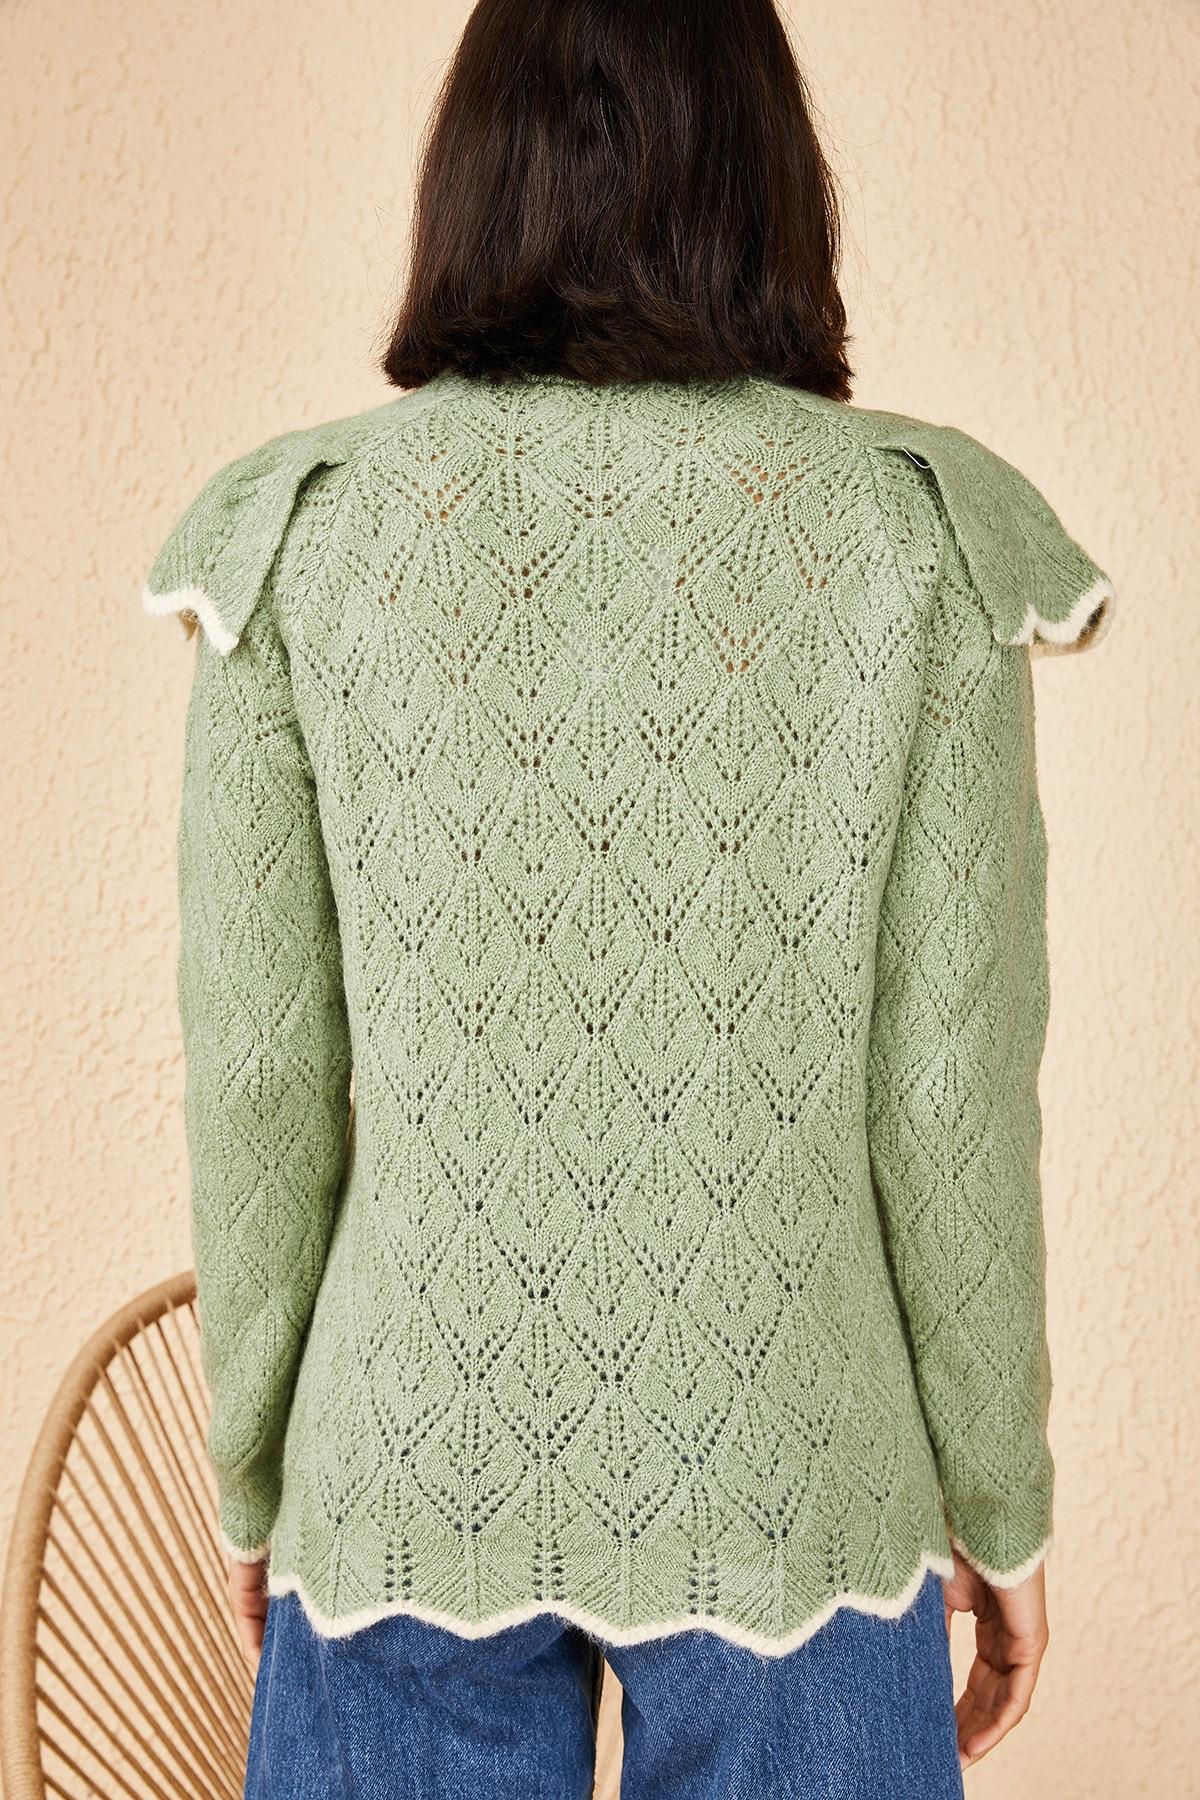 Bianco Lucci Kadın Mint Yeşili Ajurlu Fırfırlı Beyaz Şeritli Yarım Balıkçı Triko Kazak 20011034 3